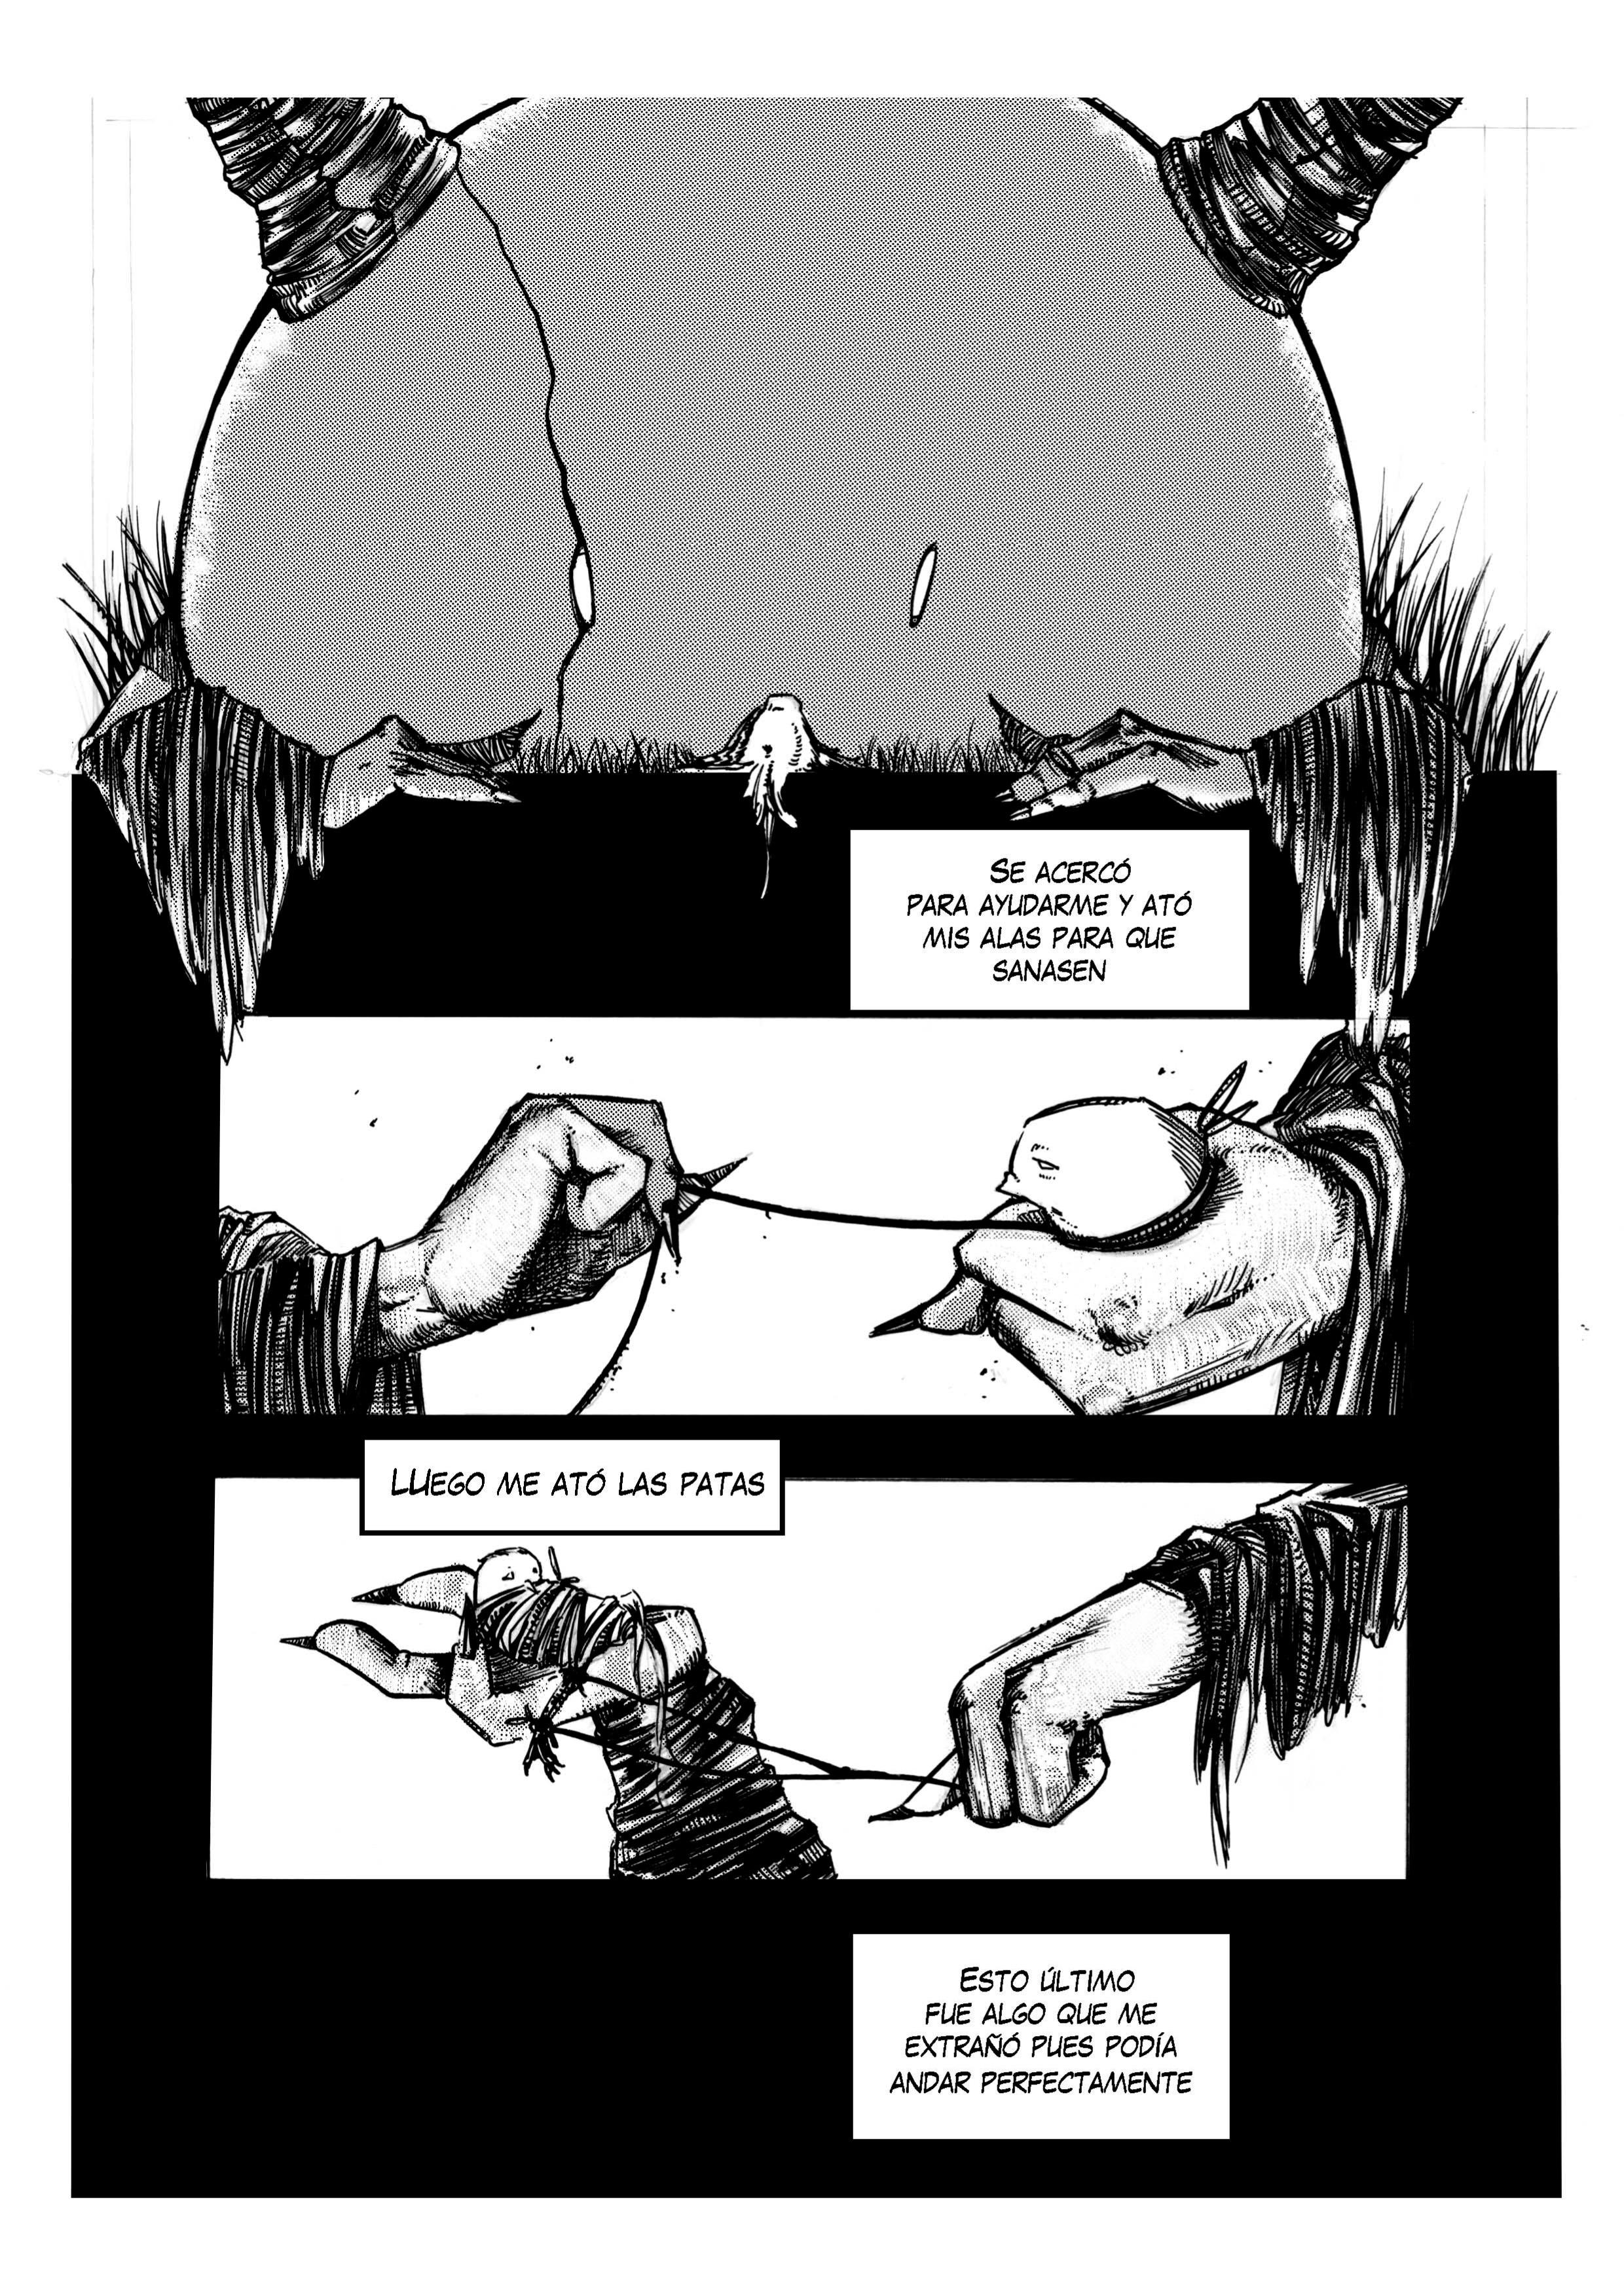 Abajo en el bosque_Cómic_Rafael_Pérez_Granados-4